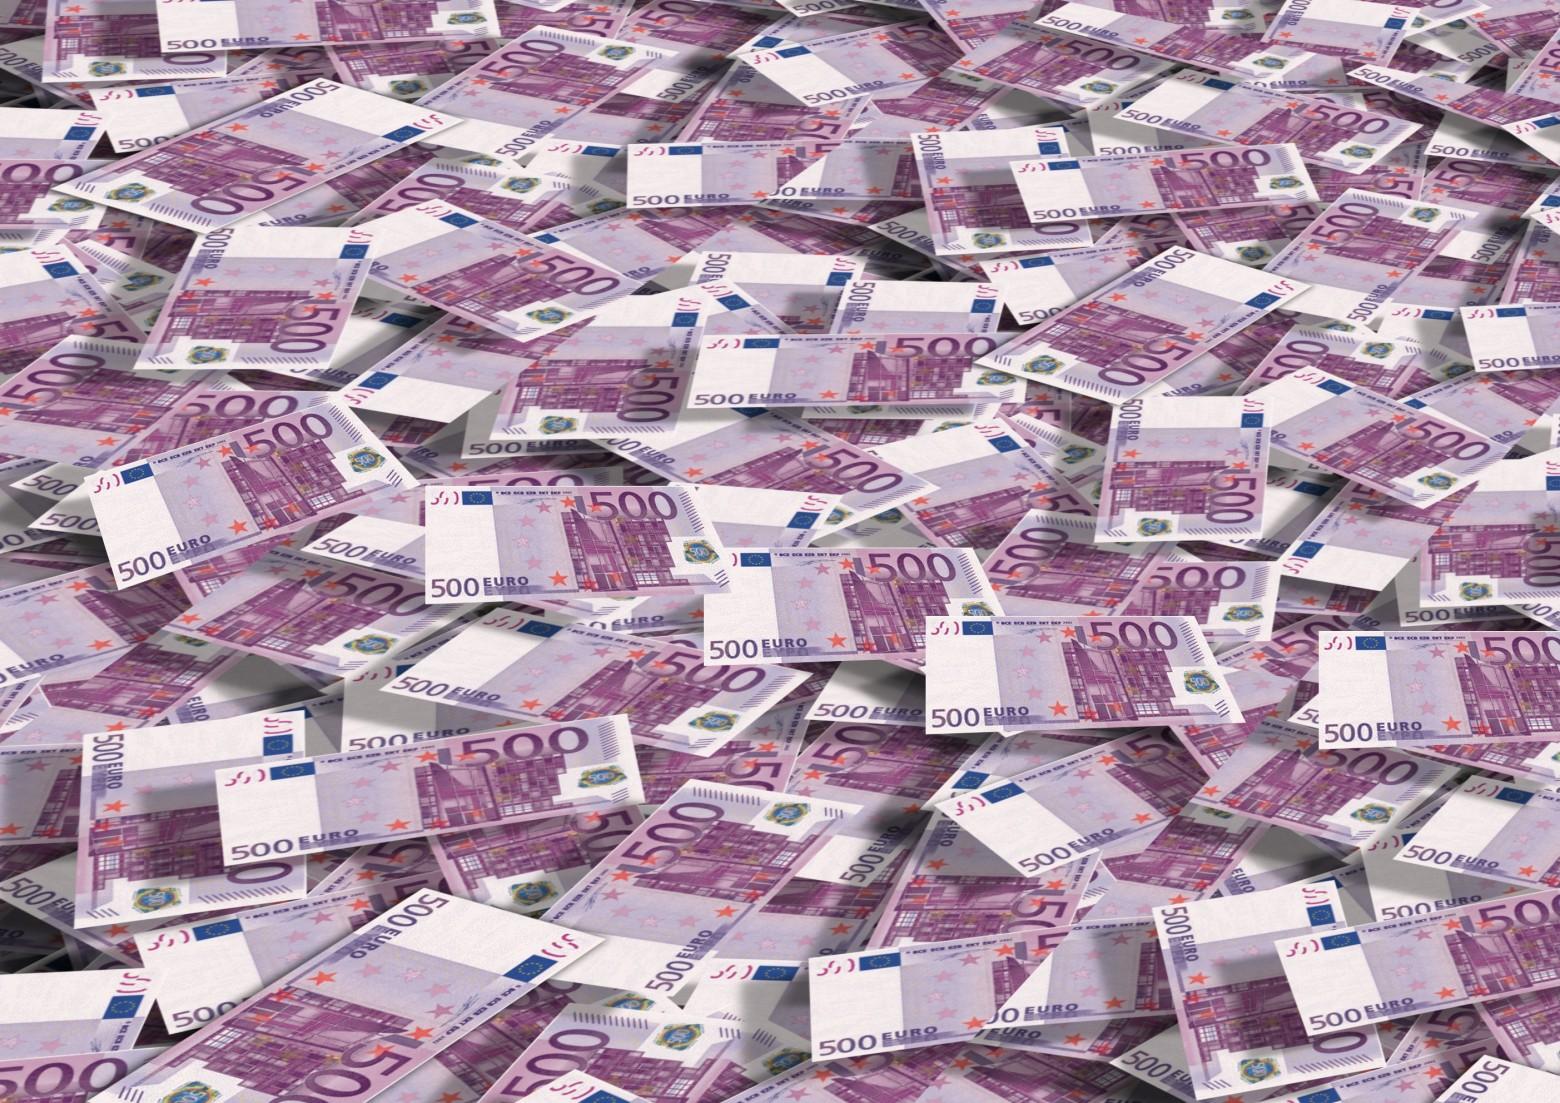 https://fotomelia.com/wp-content/uploads/edd/2015/05/billet-de-500euros-arrière-plan-riche-richess-jackpot-images-photos-gratuites-1560x1103.jpg